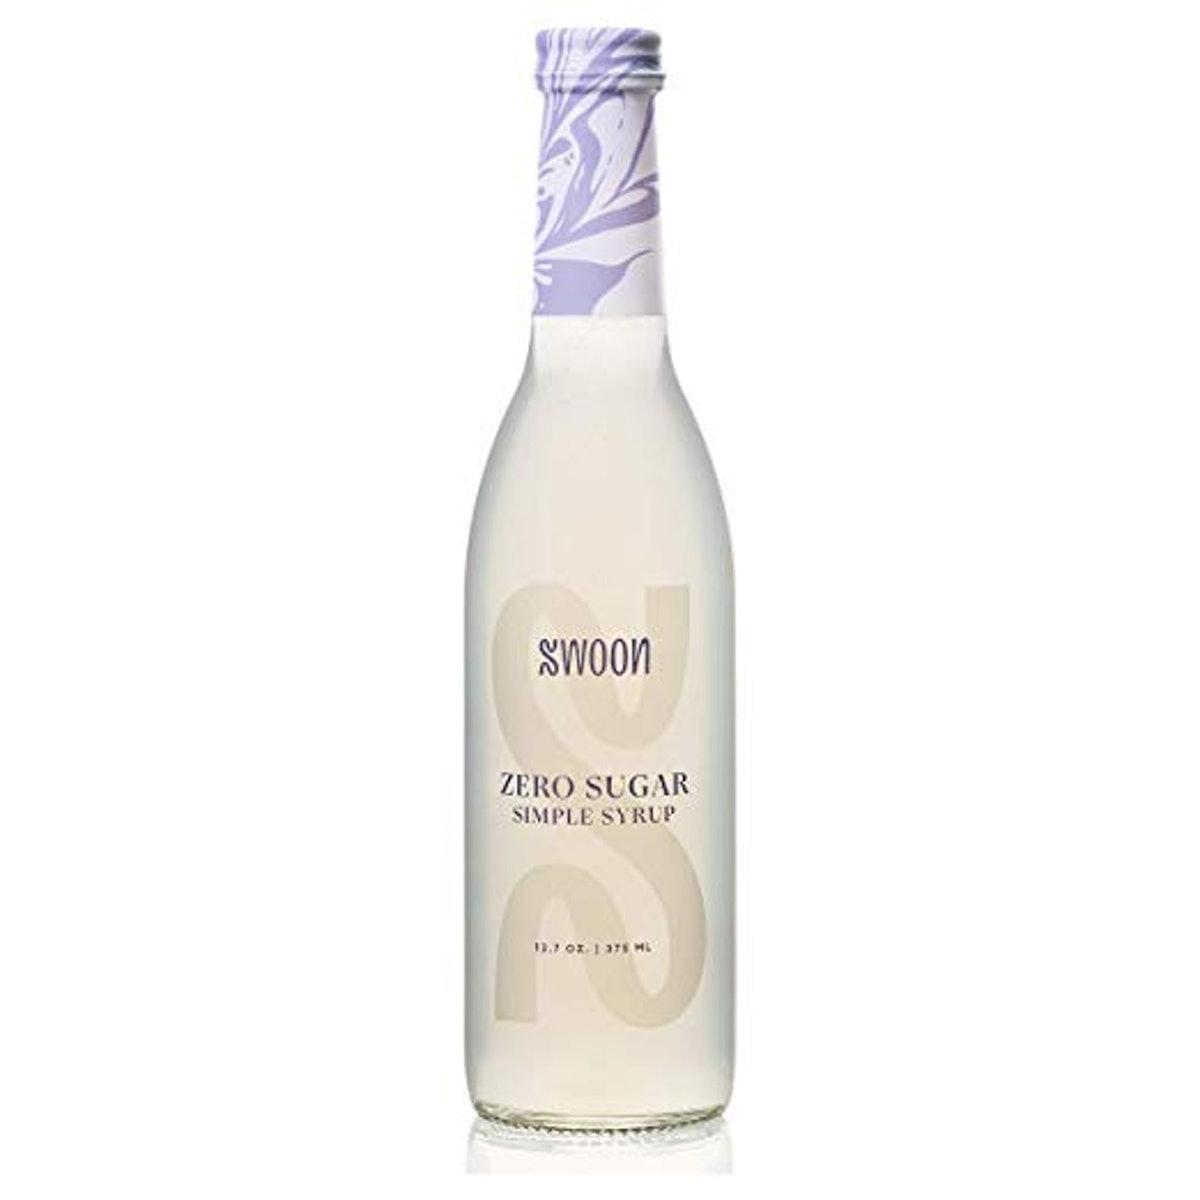 Swoon Zero Sugar Simple Syrup